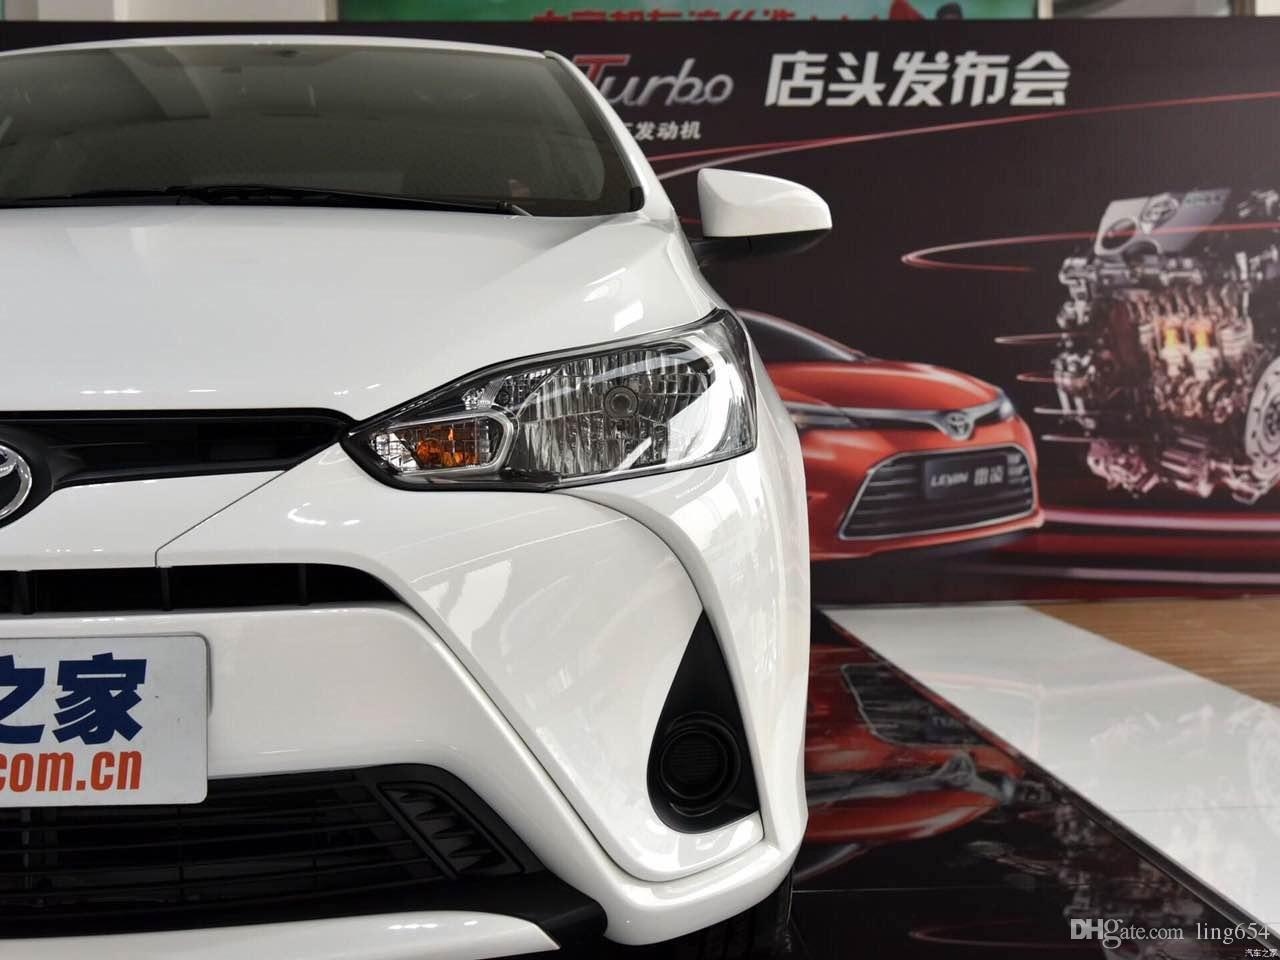 Автомобиль DRL комплект для Toyota Yaris L 2017 светодиодные дневные ходовые огни бар противотуманные фары лампы поворота Signa дневного света автомобиля светодиодные drl свет